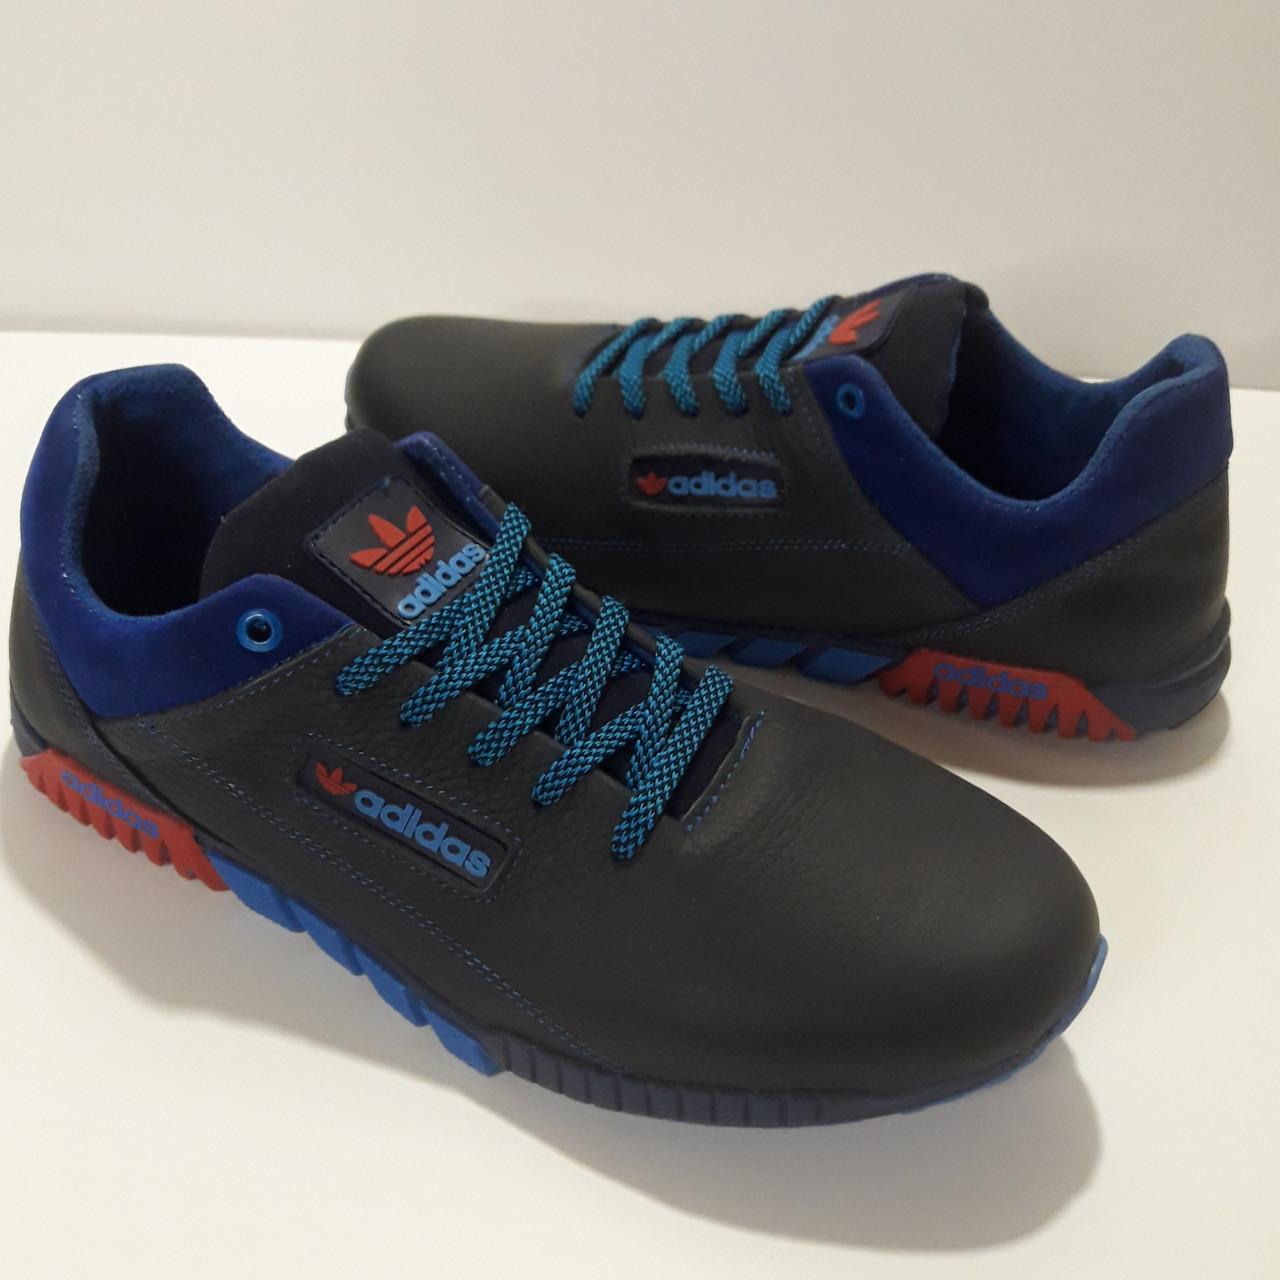 Кросівки чоловічі Adidas р. 41 шкіра Харків темно-сині